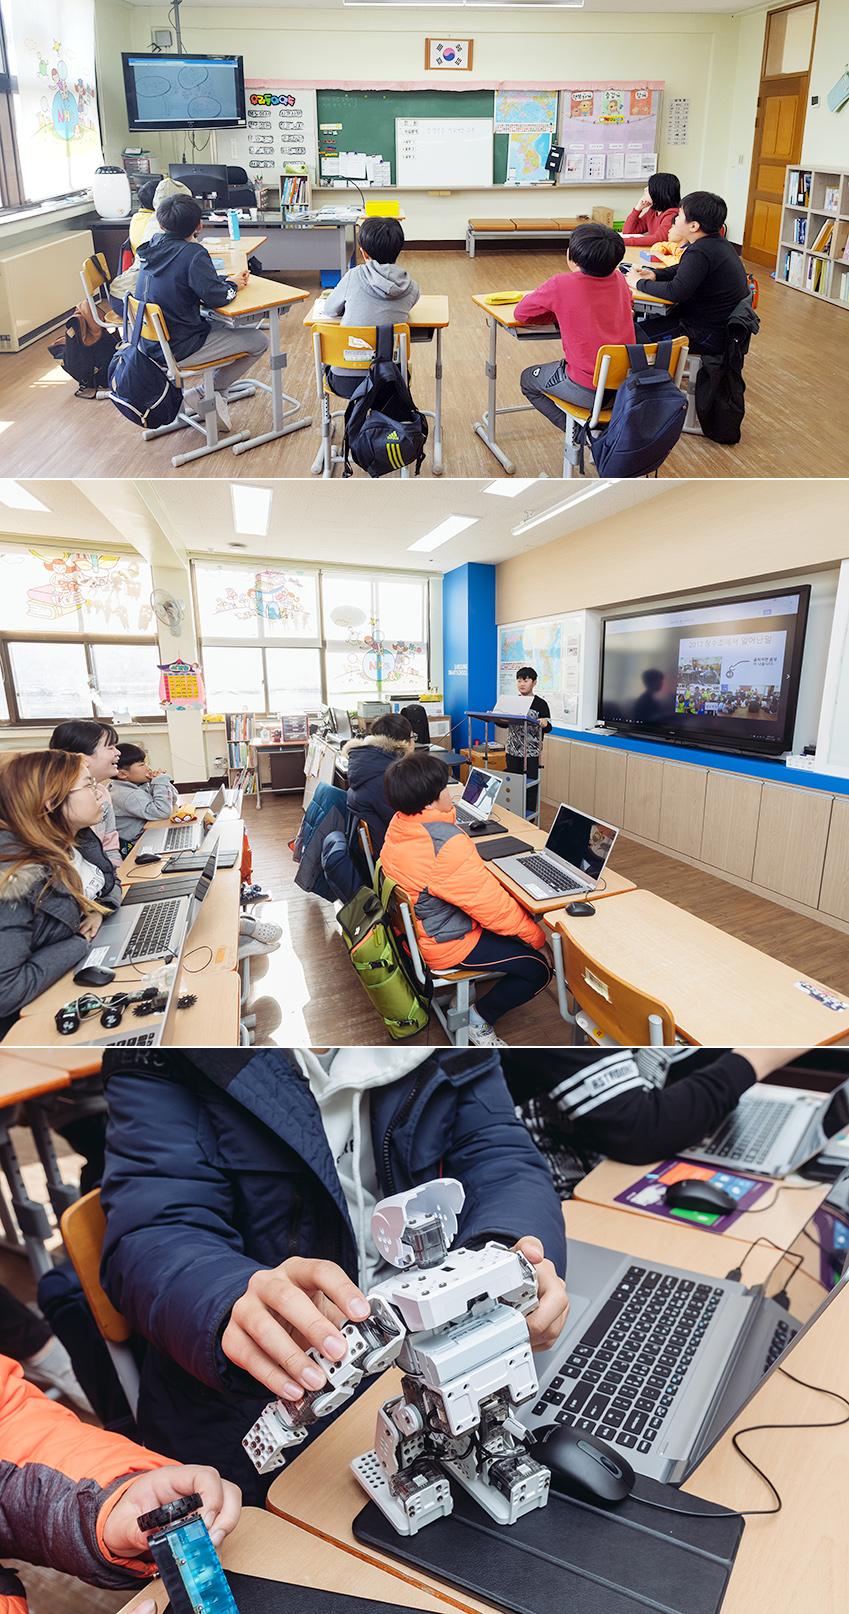 ▲ 칠판과 작은 모니터로만 수업했던 과거(첫 번째 사진)와 달리 스마트한 환경에서 수업 중인 현재(두 번째, 세 번째 사진) 아이들의 모습